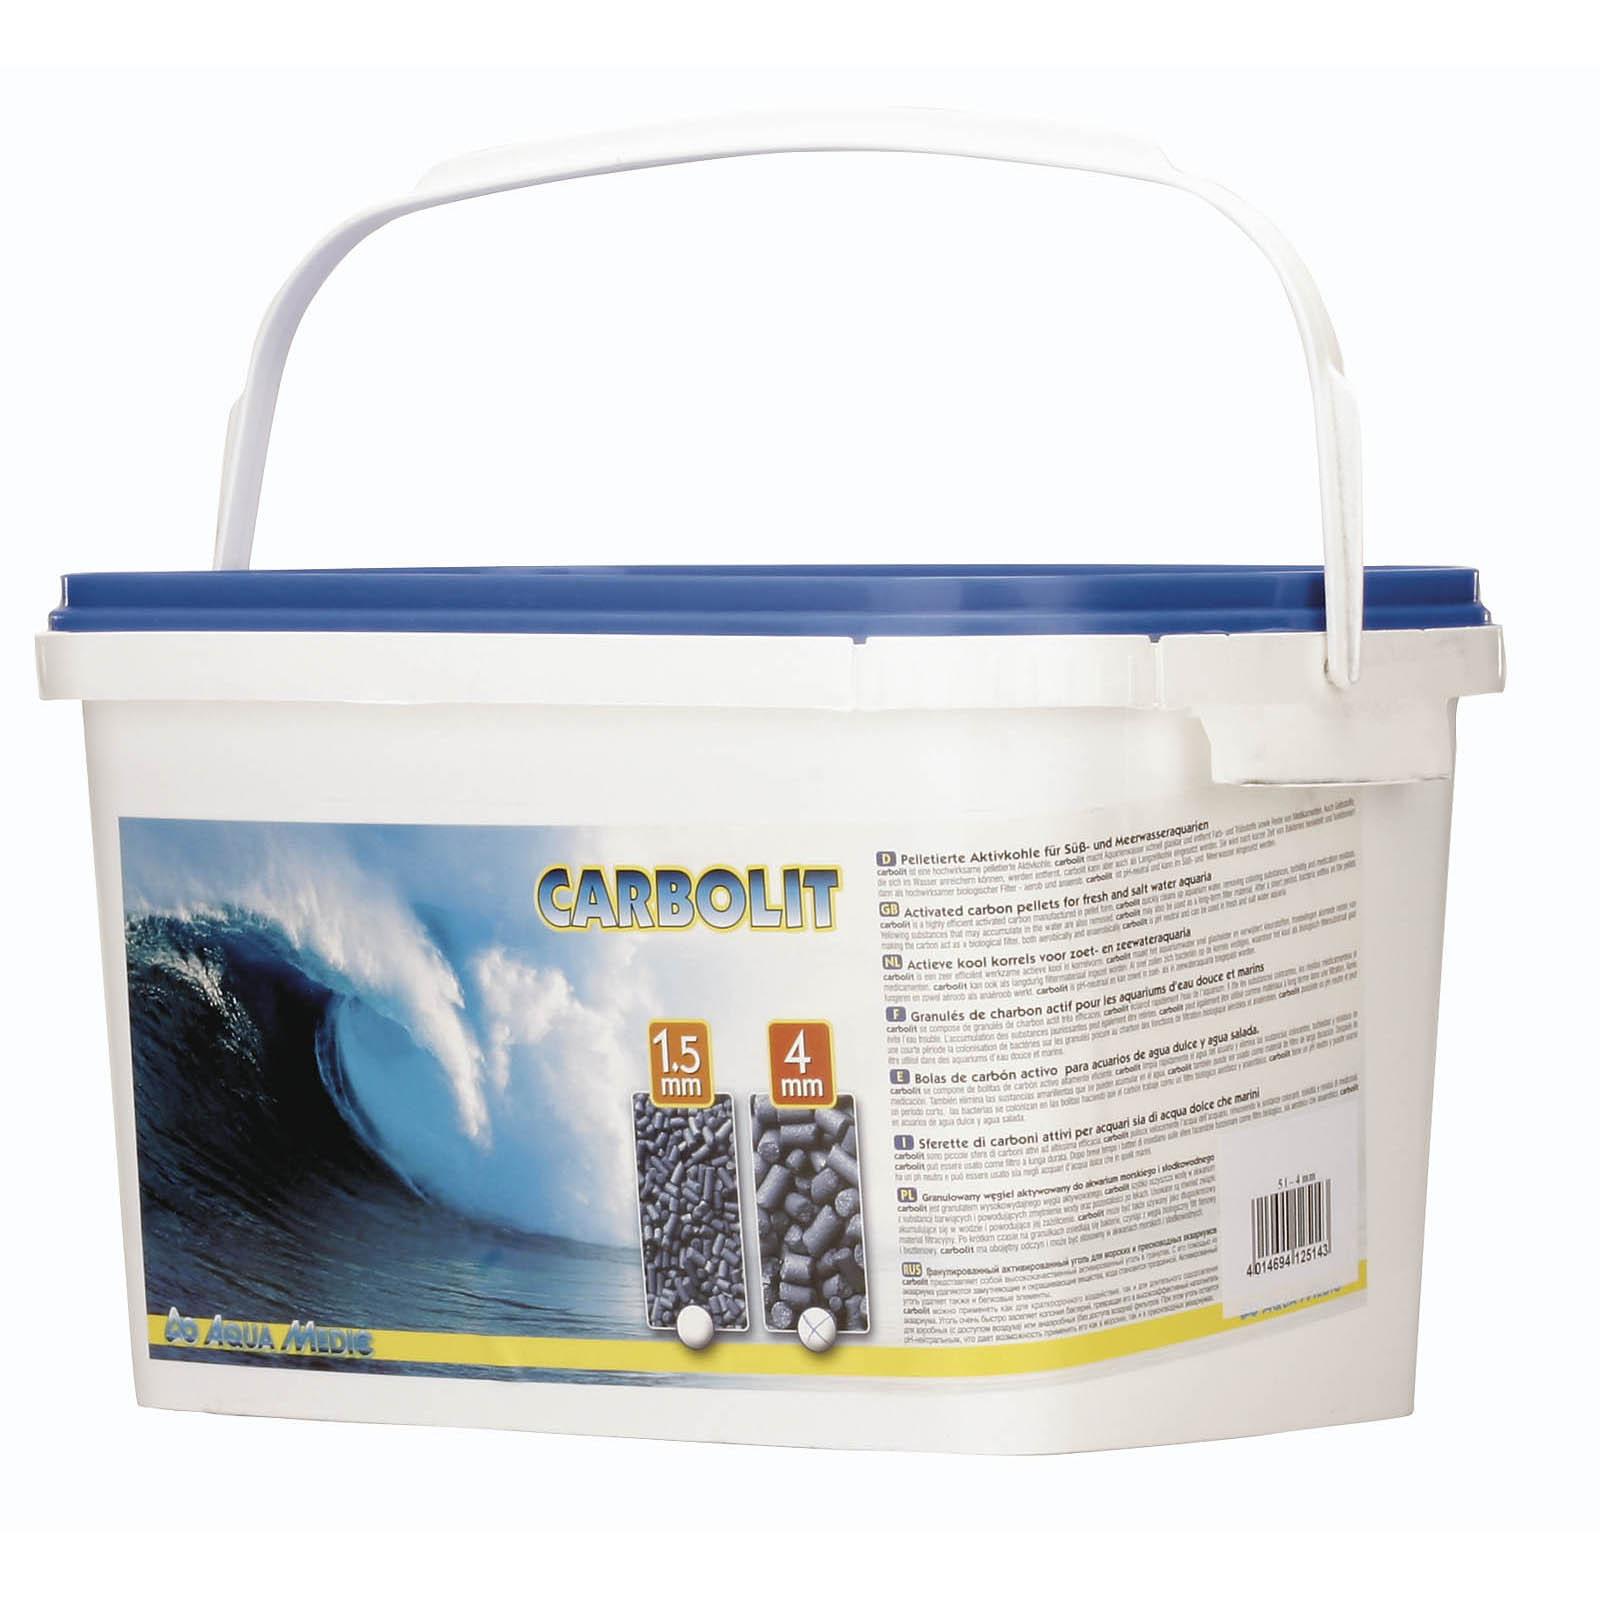 AQUA MEDIC Carbolit 25 Kg granulés de charbon actif diamètre 4 mm pour les aquariums d\'eau douce et d\'eau de mer